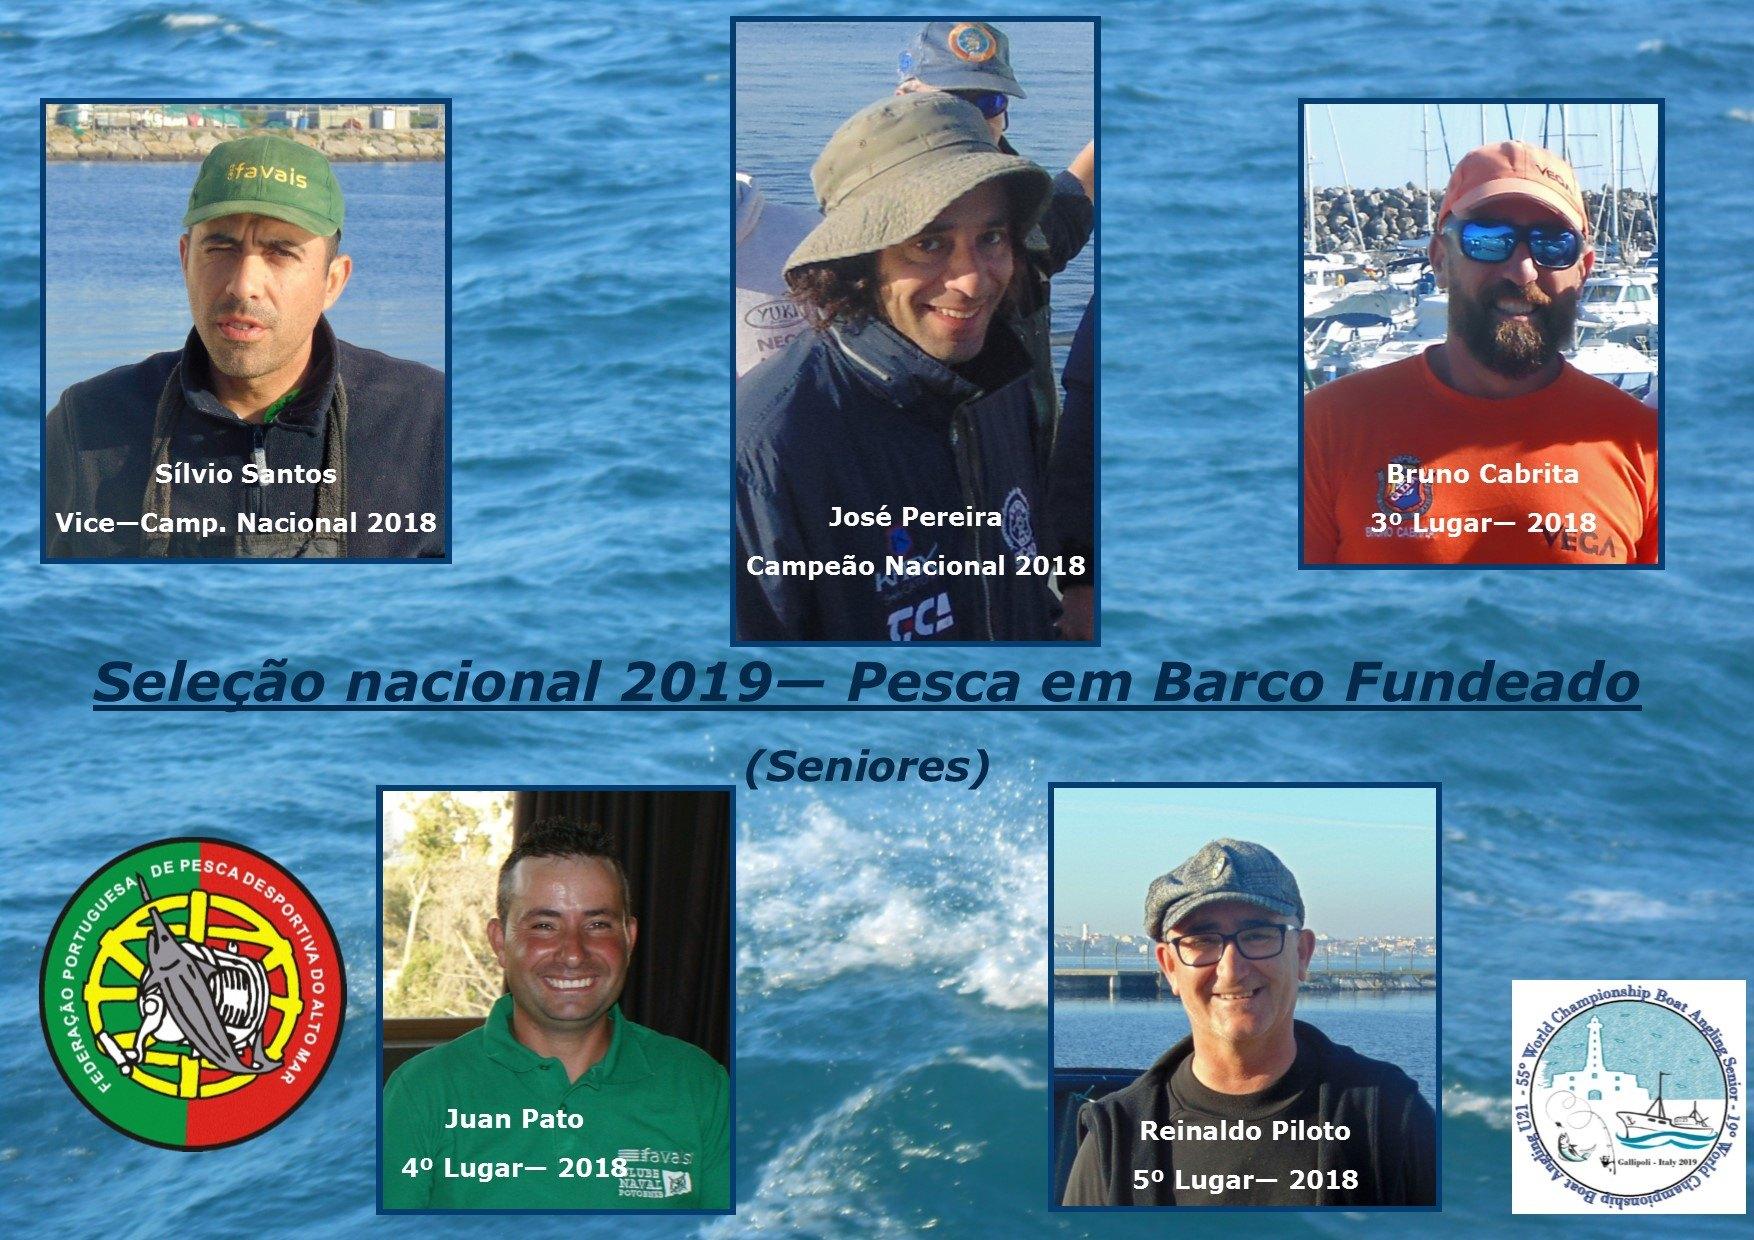 Seleção Nacional - Séniores Pesca em Barco Fundeado